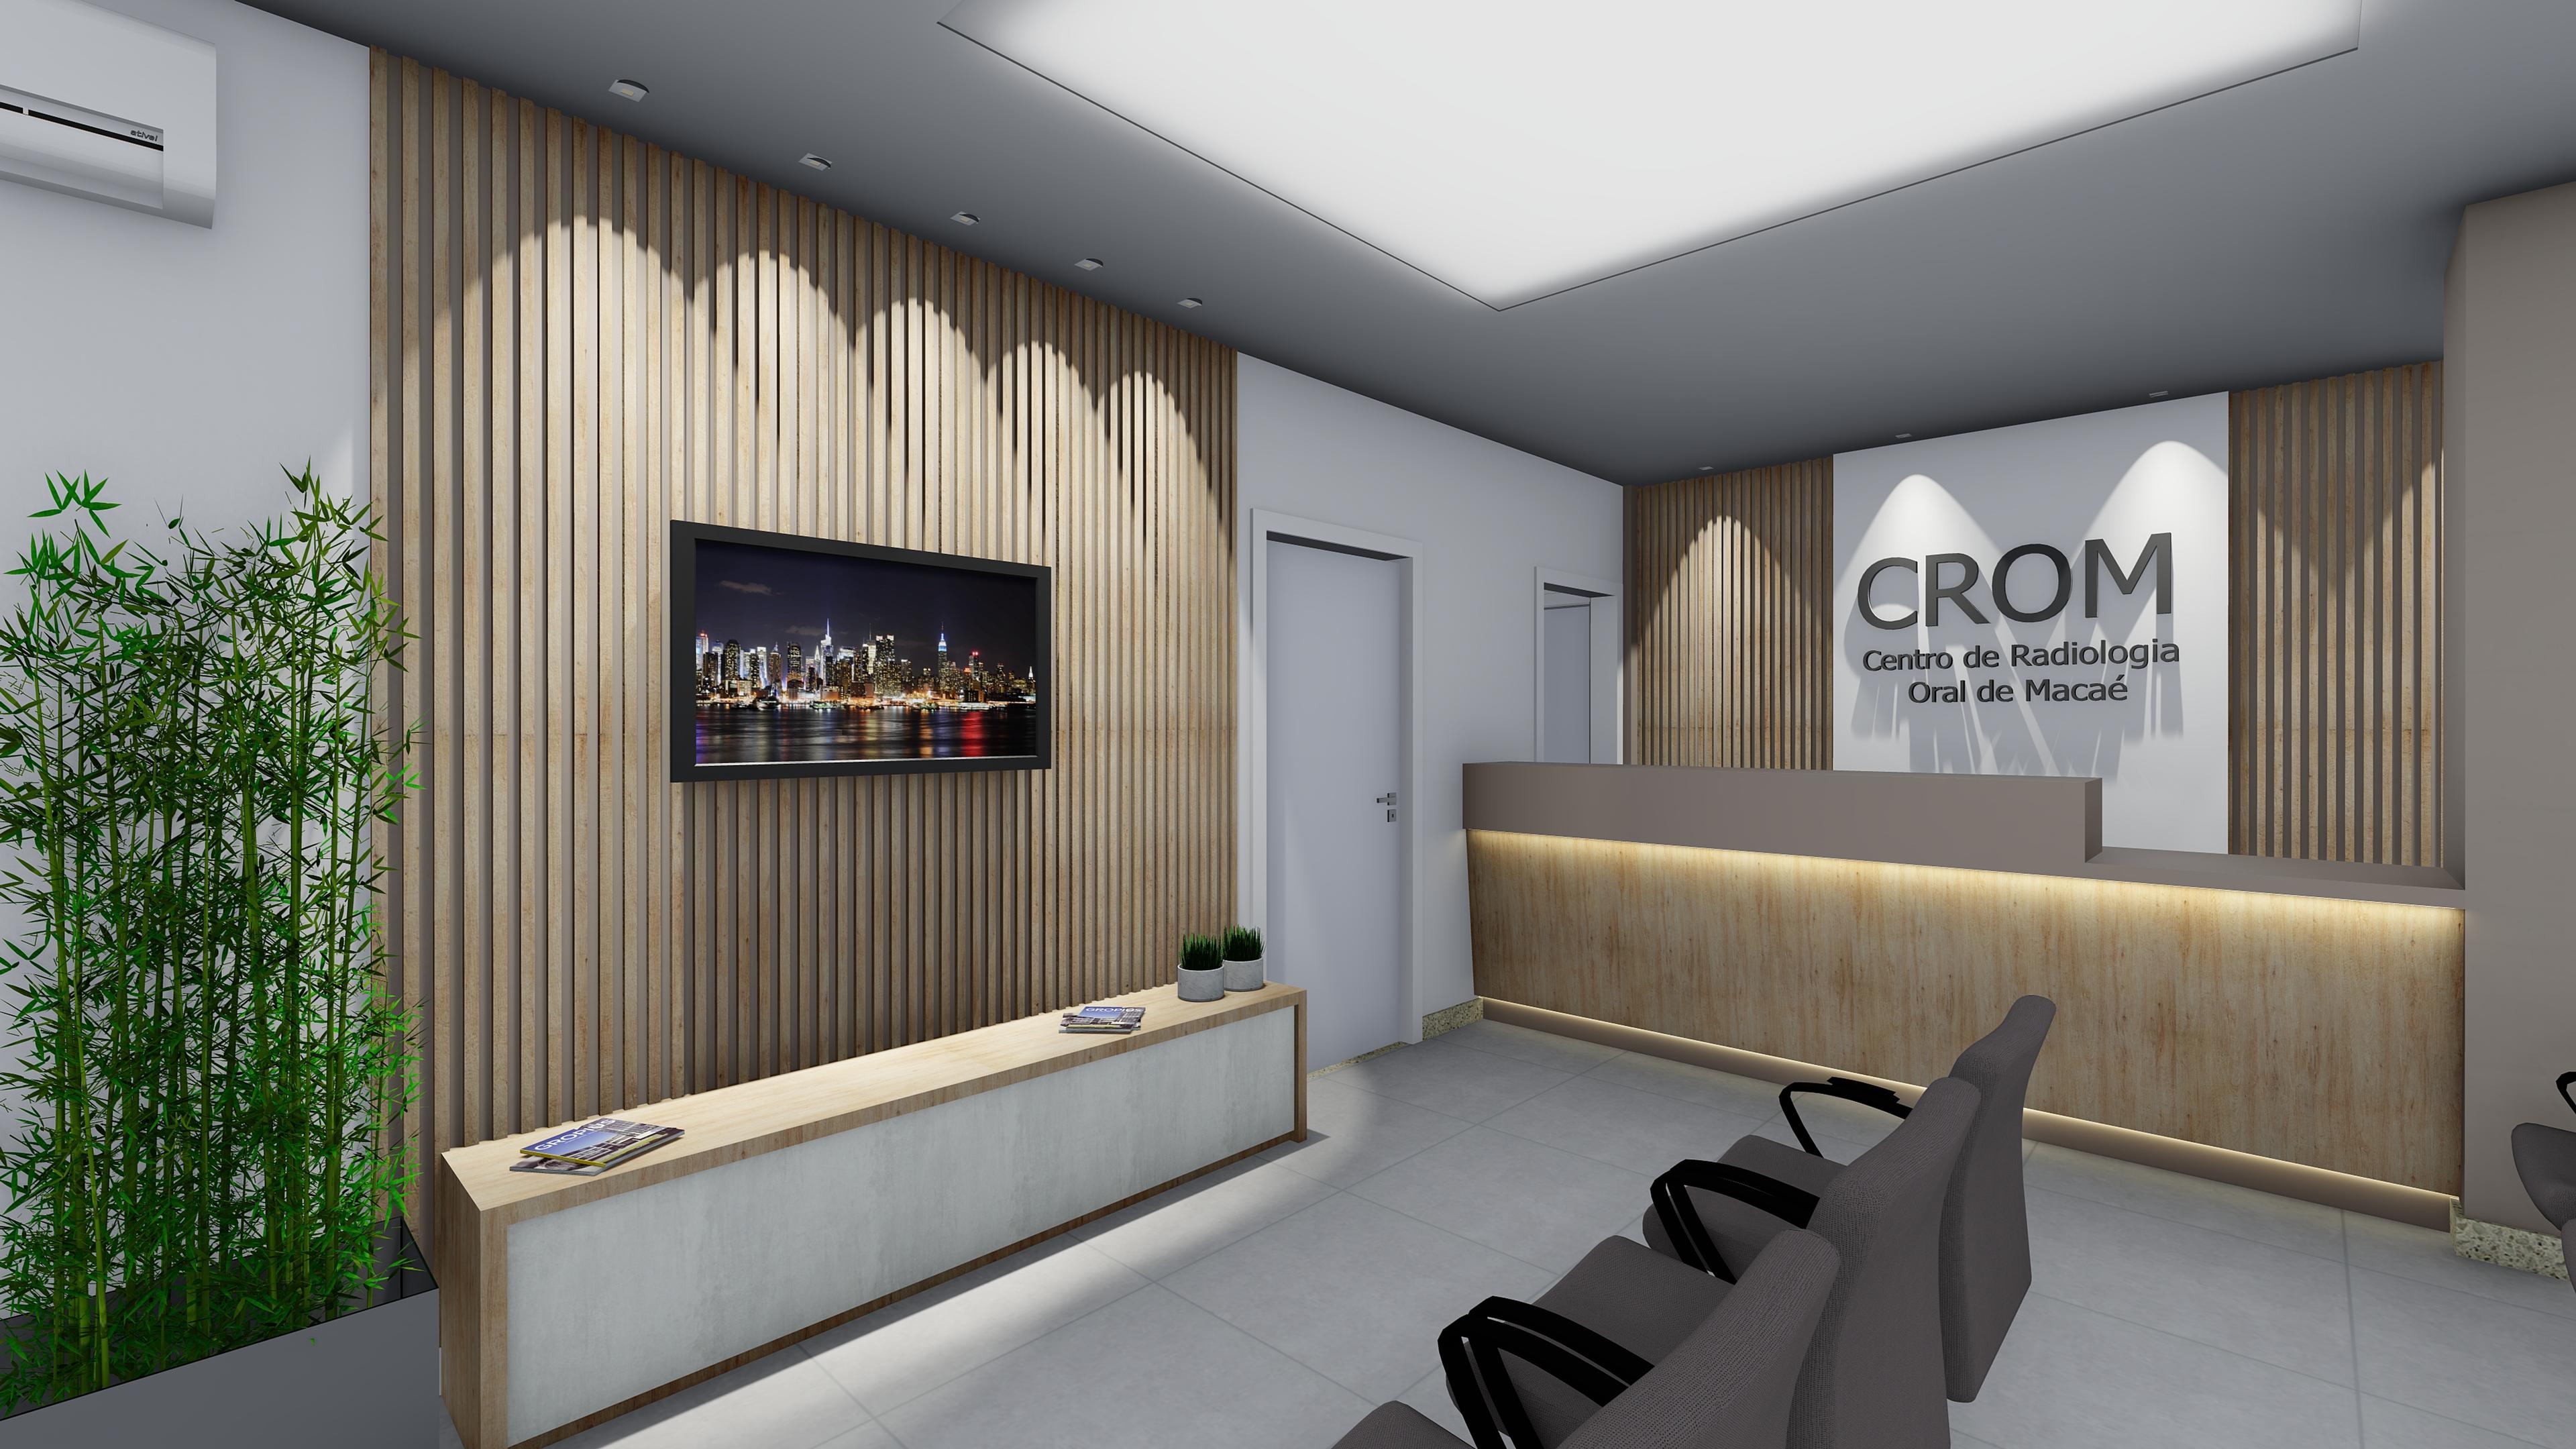 CROM_-_Centro_de_Radiologia_Oral_de_Maca